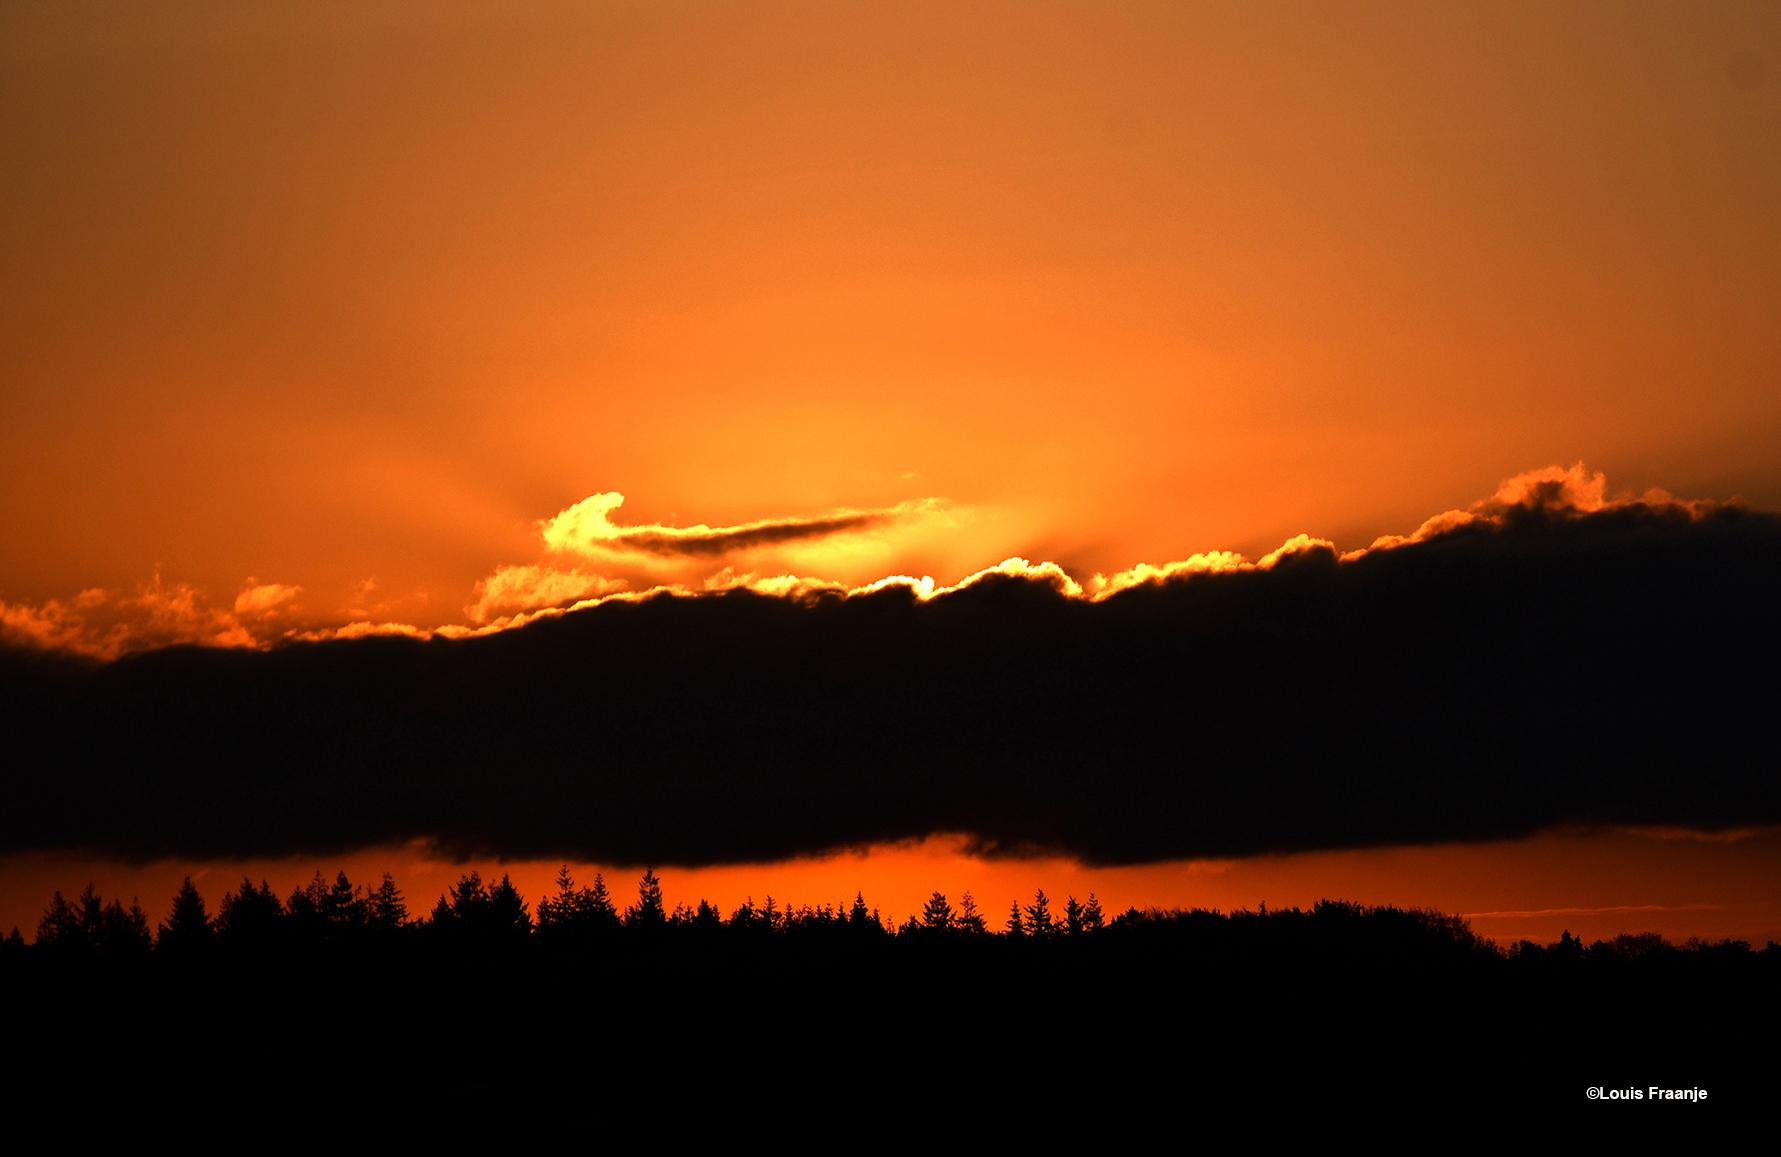 Een donkere wolkenbank boven de horizon, waarachter de opkomende zon heel even verdween- Foto: ©Louis Fraanje